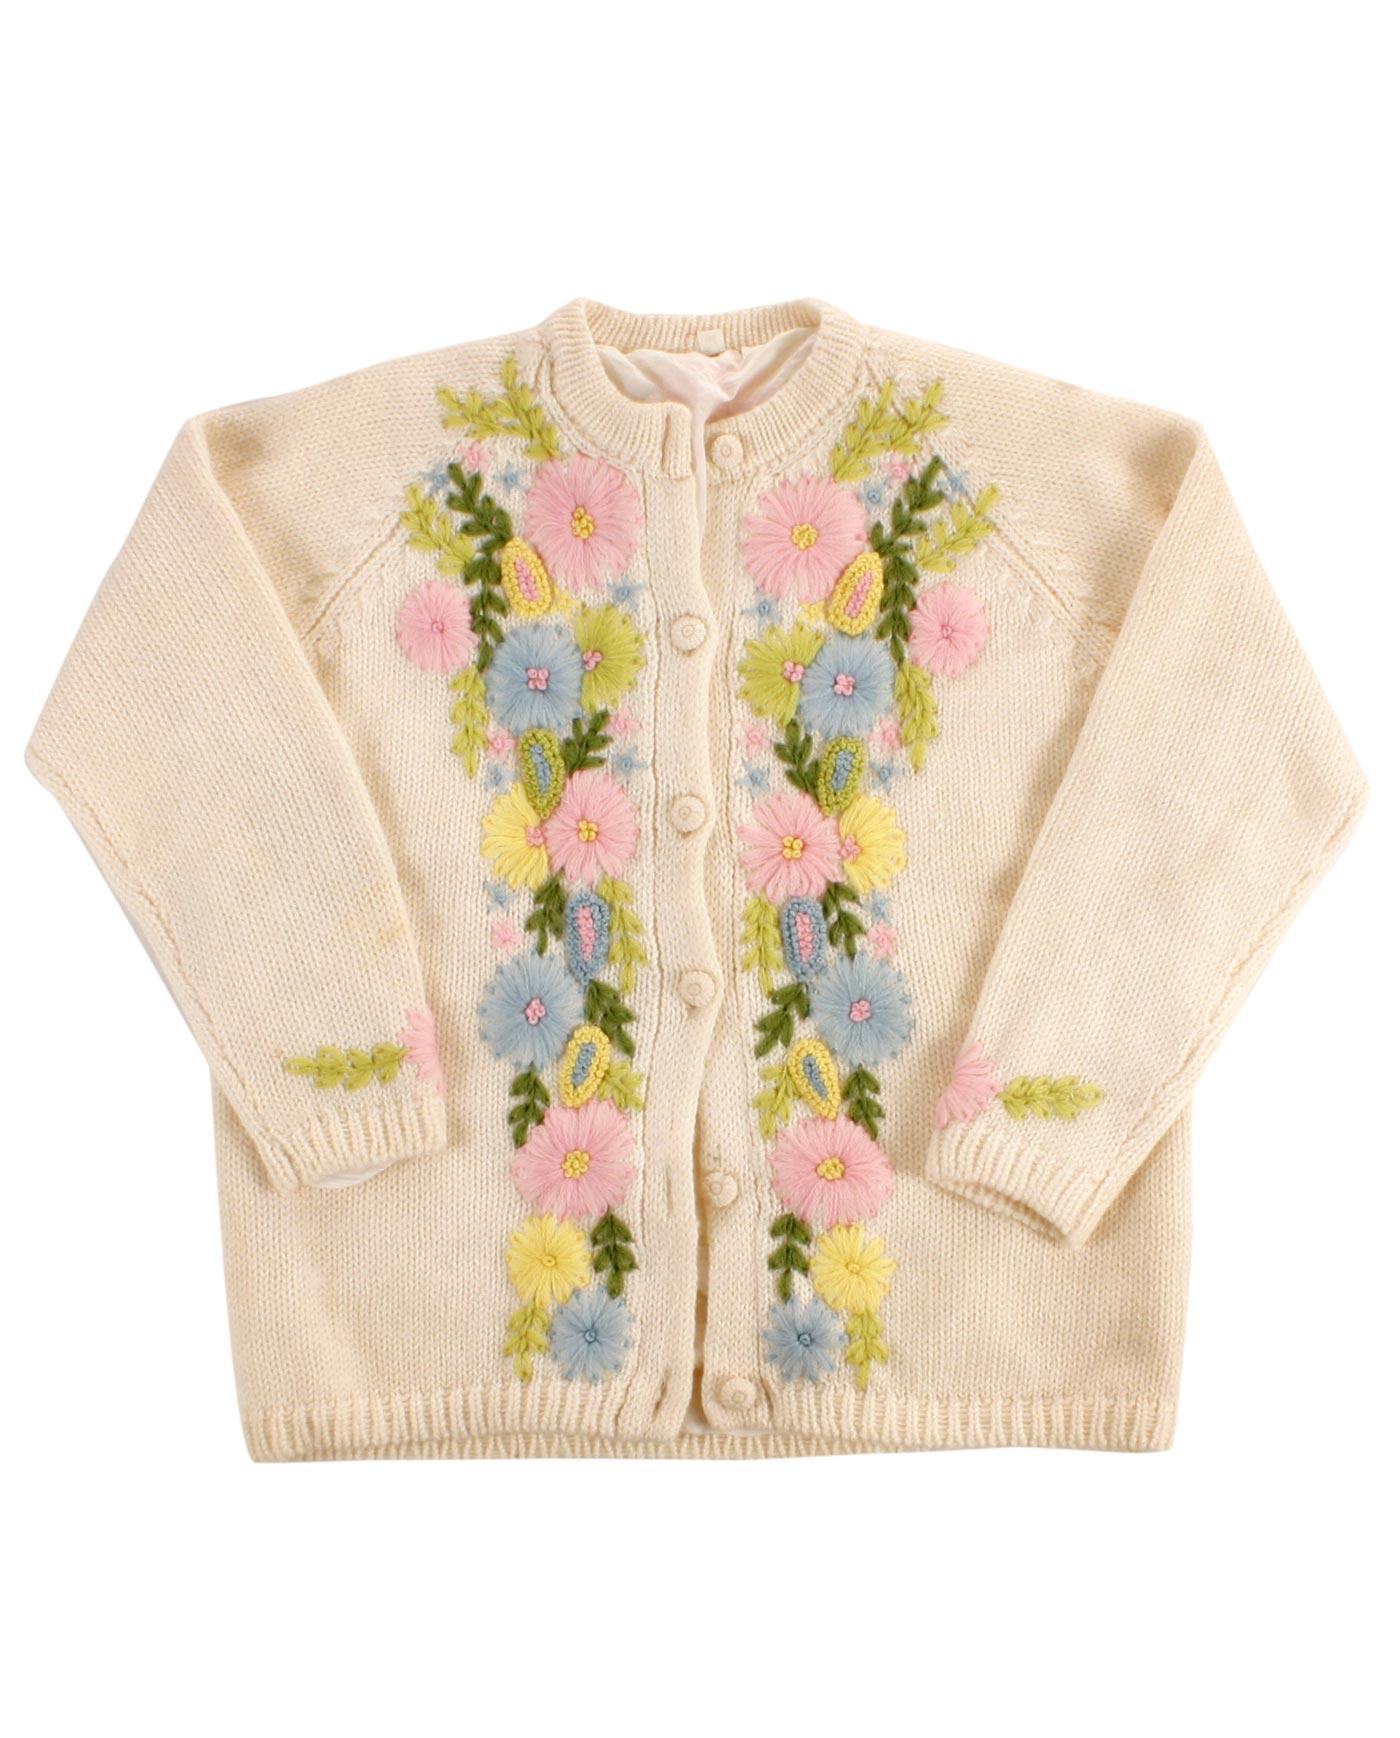 Handmade wool sweater 50-60s